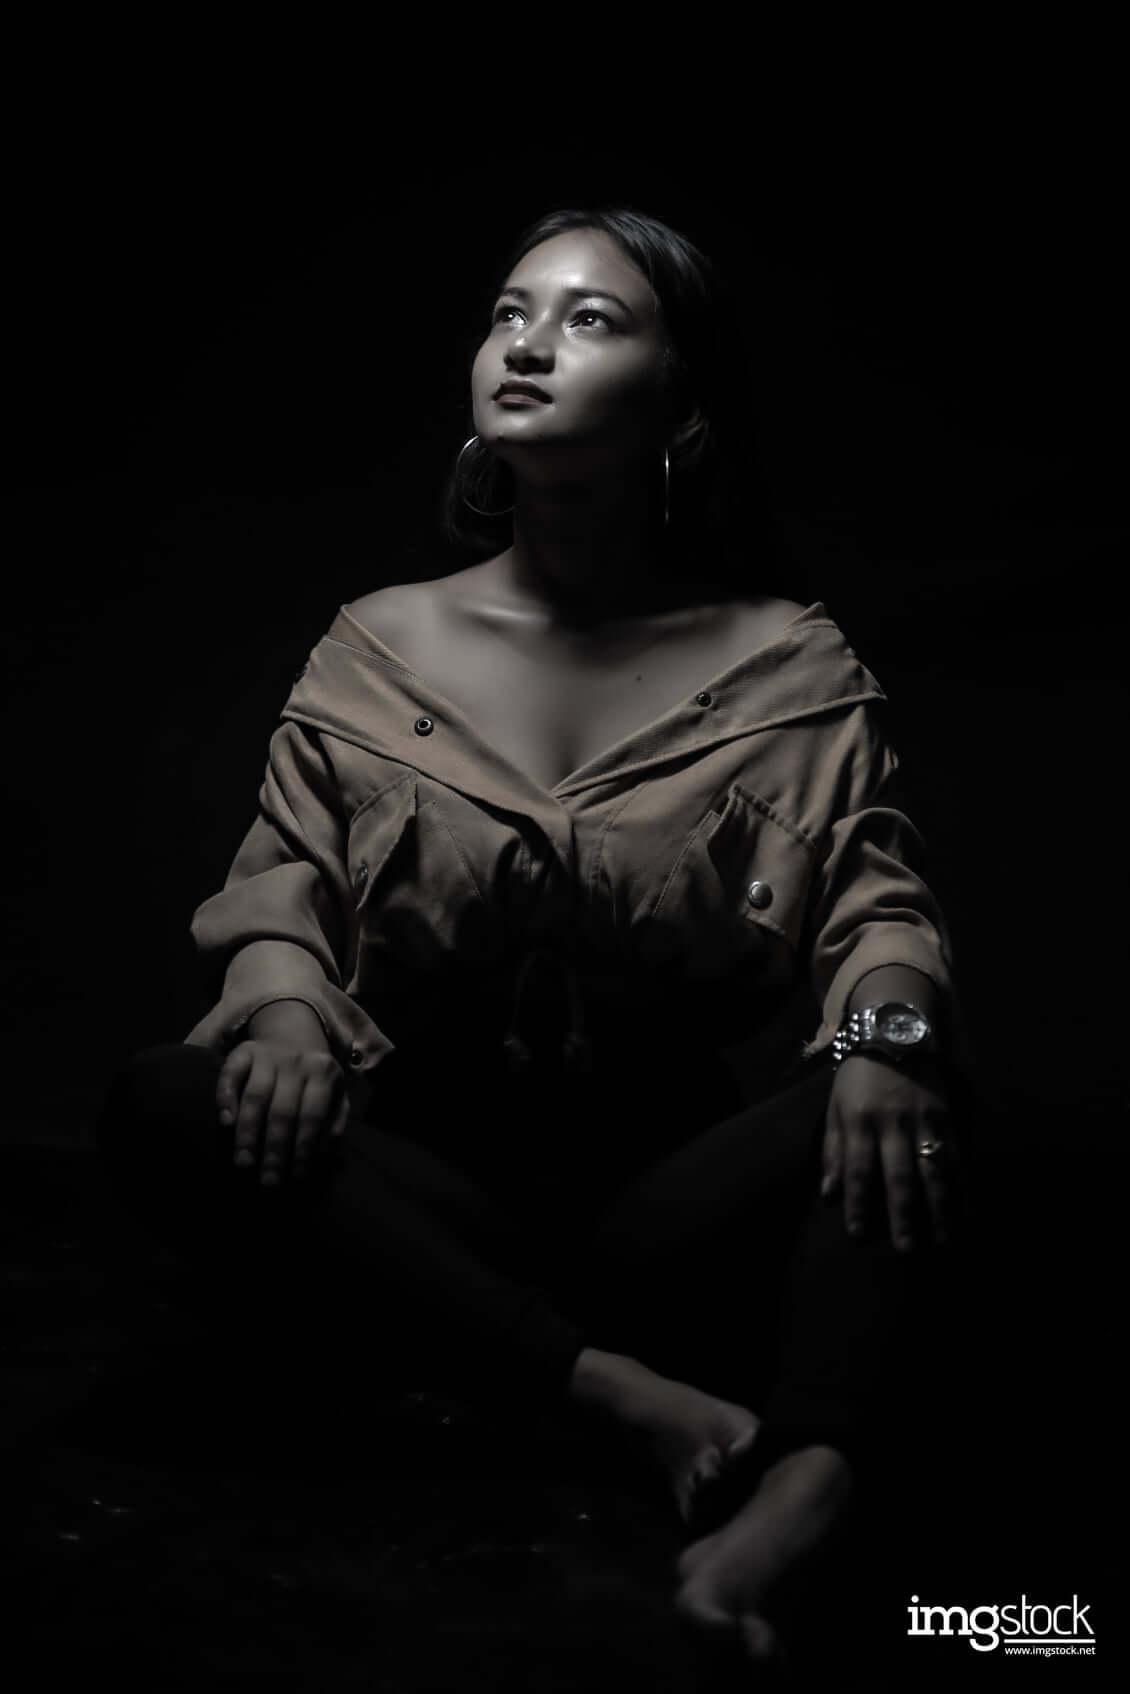 Supriya Thapa - Modeling Photography, ImgStock